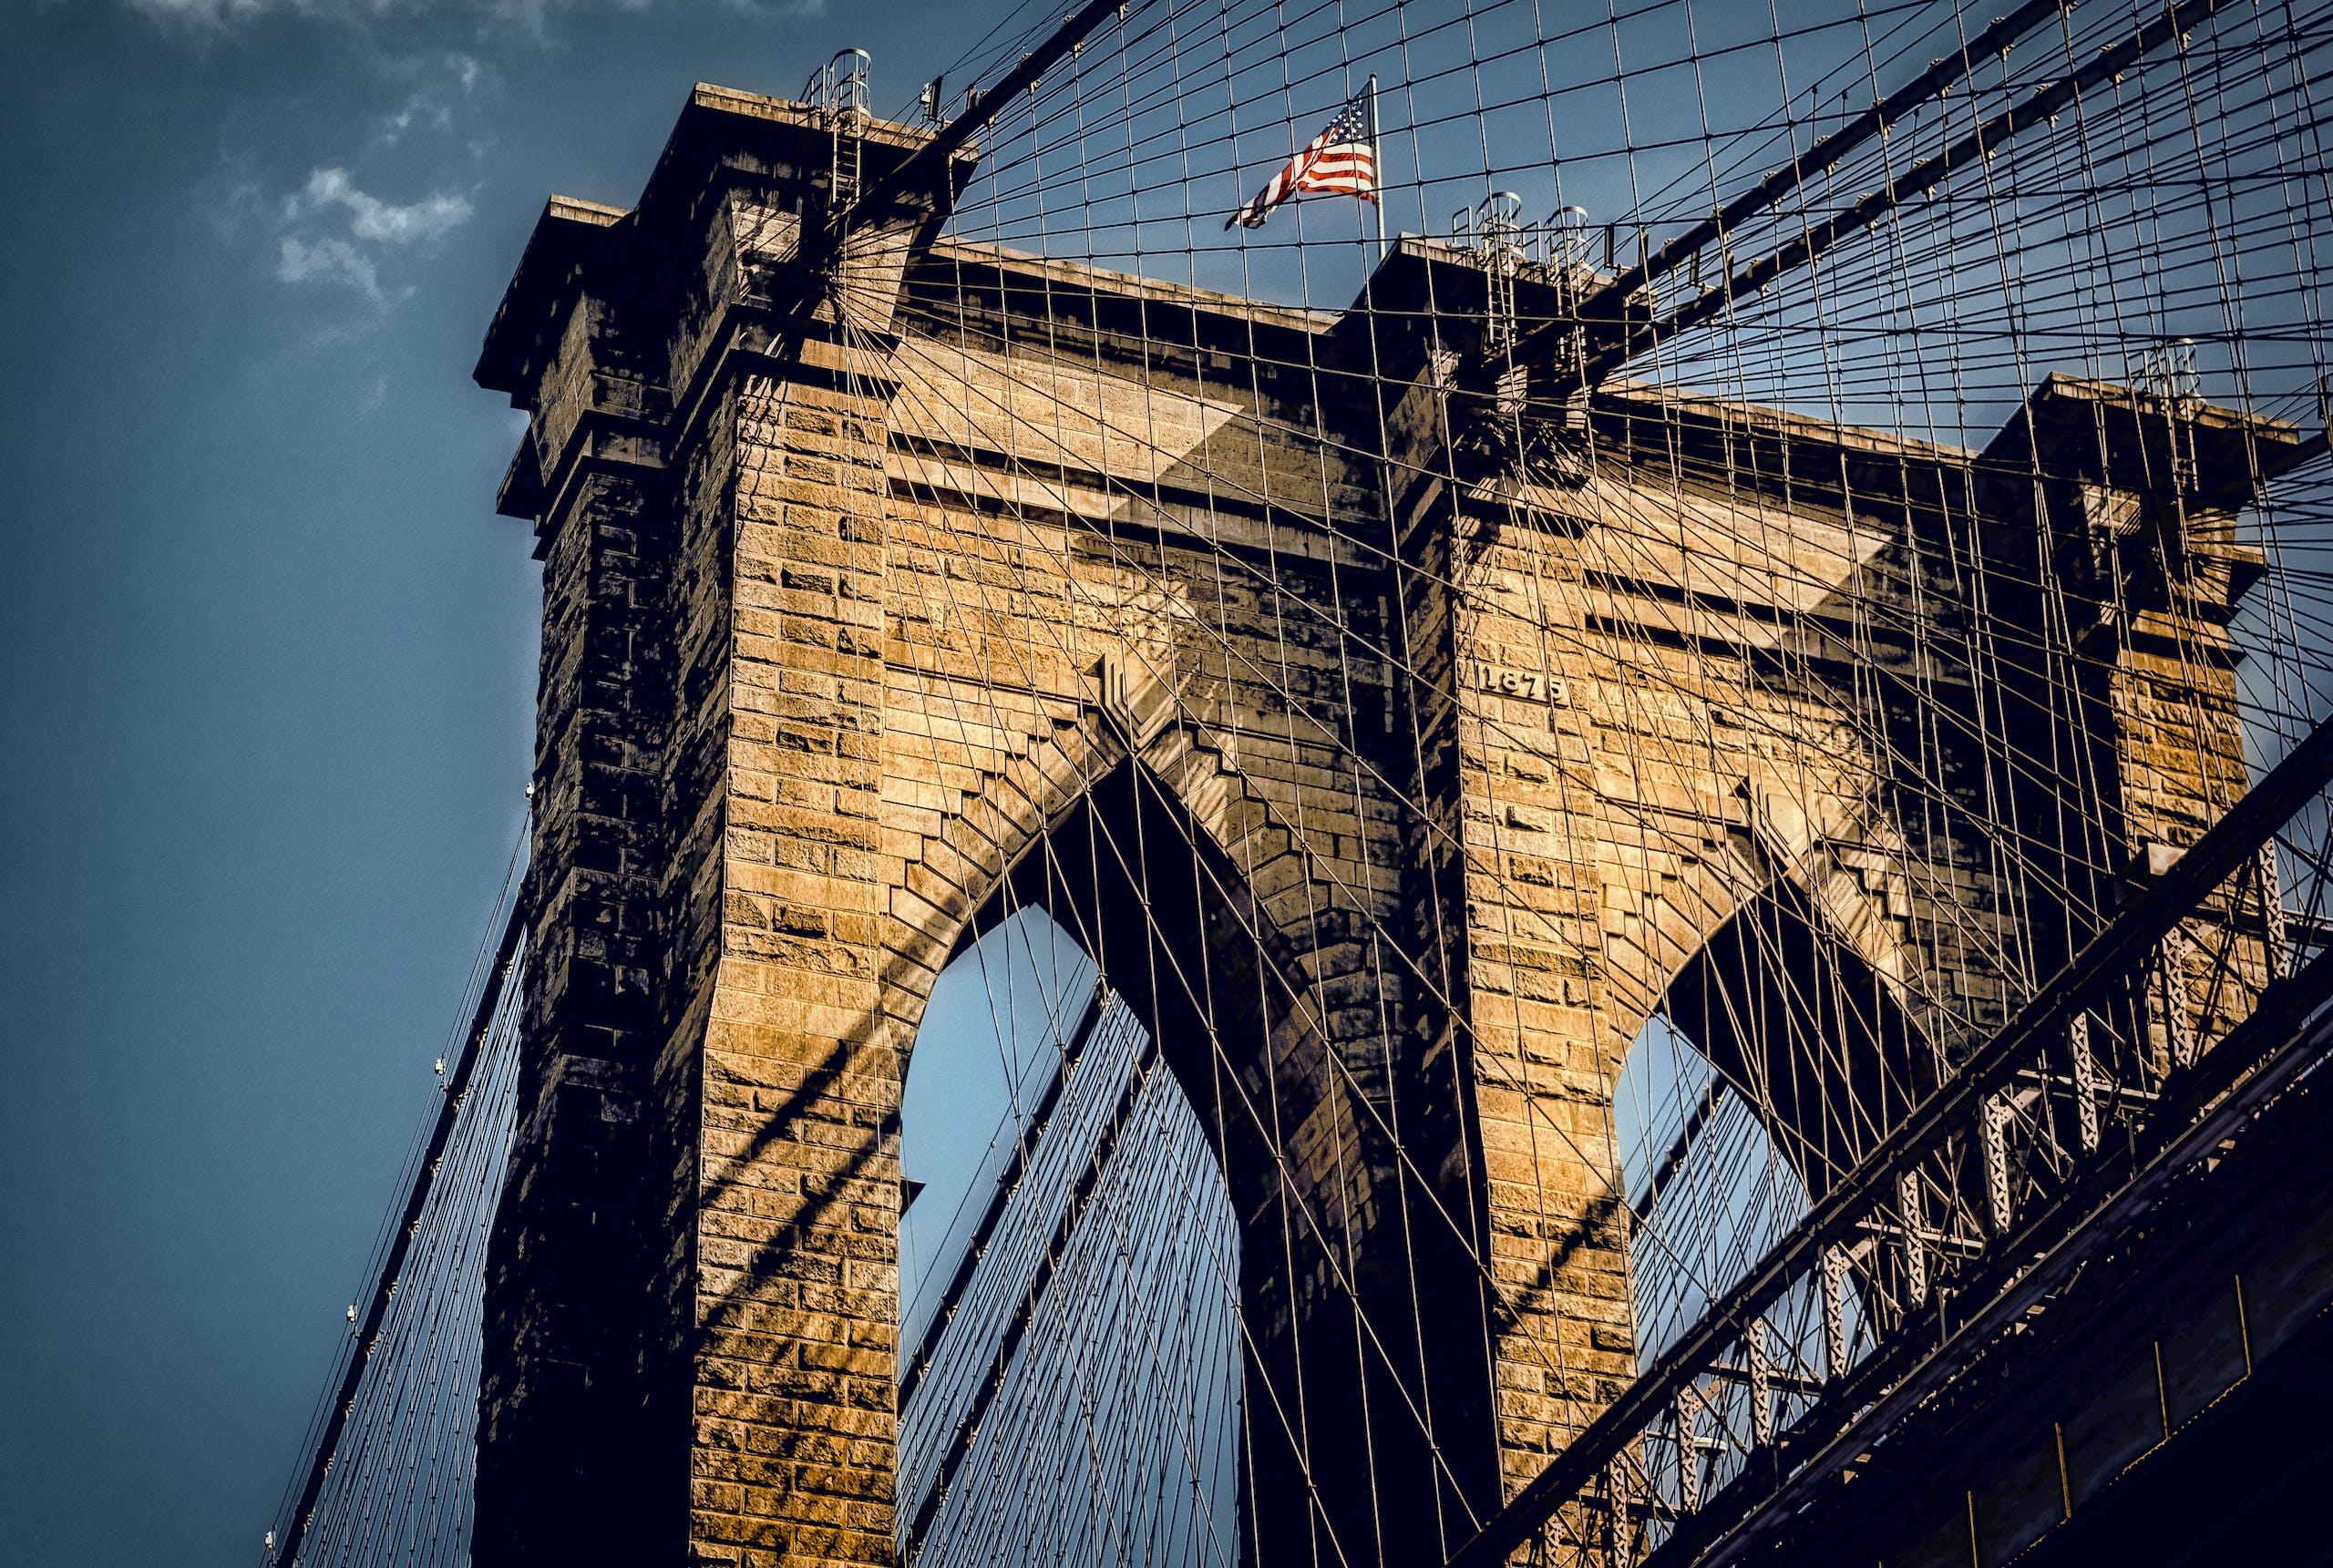 タワーブリッジ, ニューヨーク市, ニューヨーク市の壁紙, ブルックリンブリッジの無料の写真素材